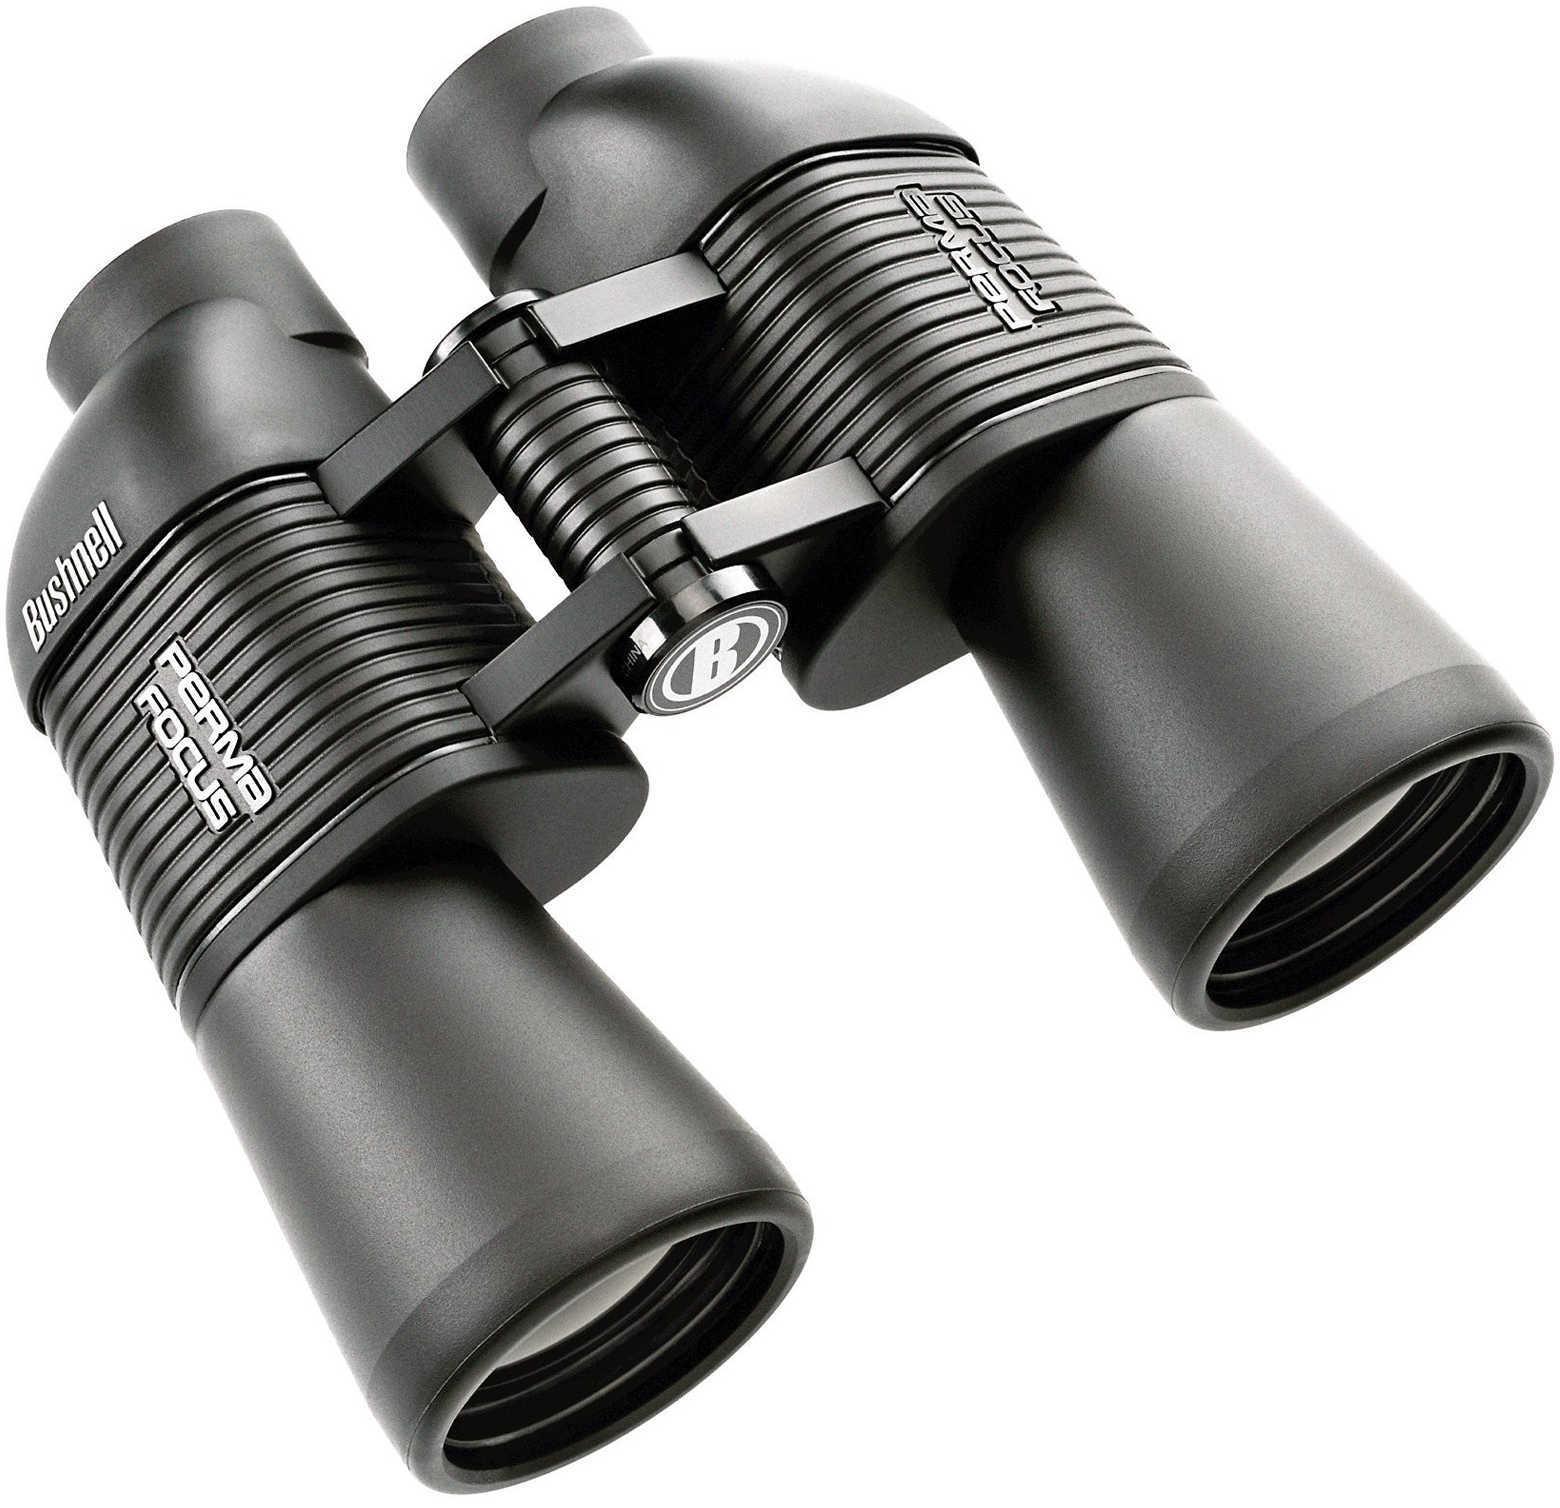 Bushnell PermaFocus 7X50 Focus Free Md: 175007